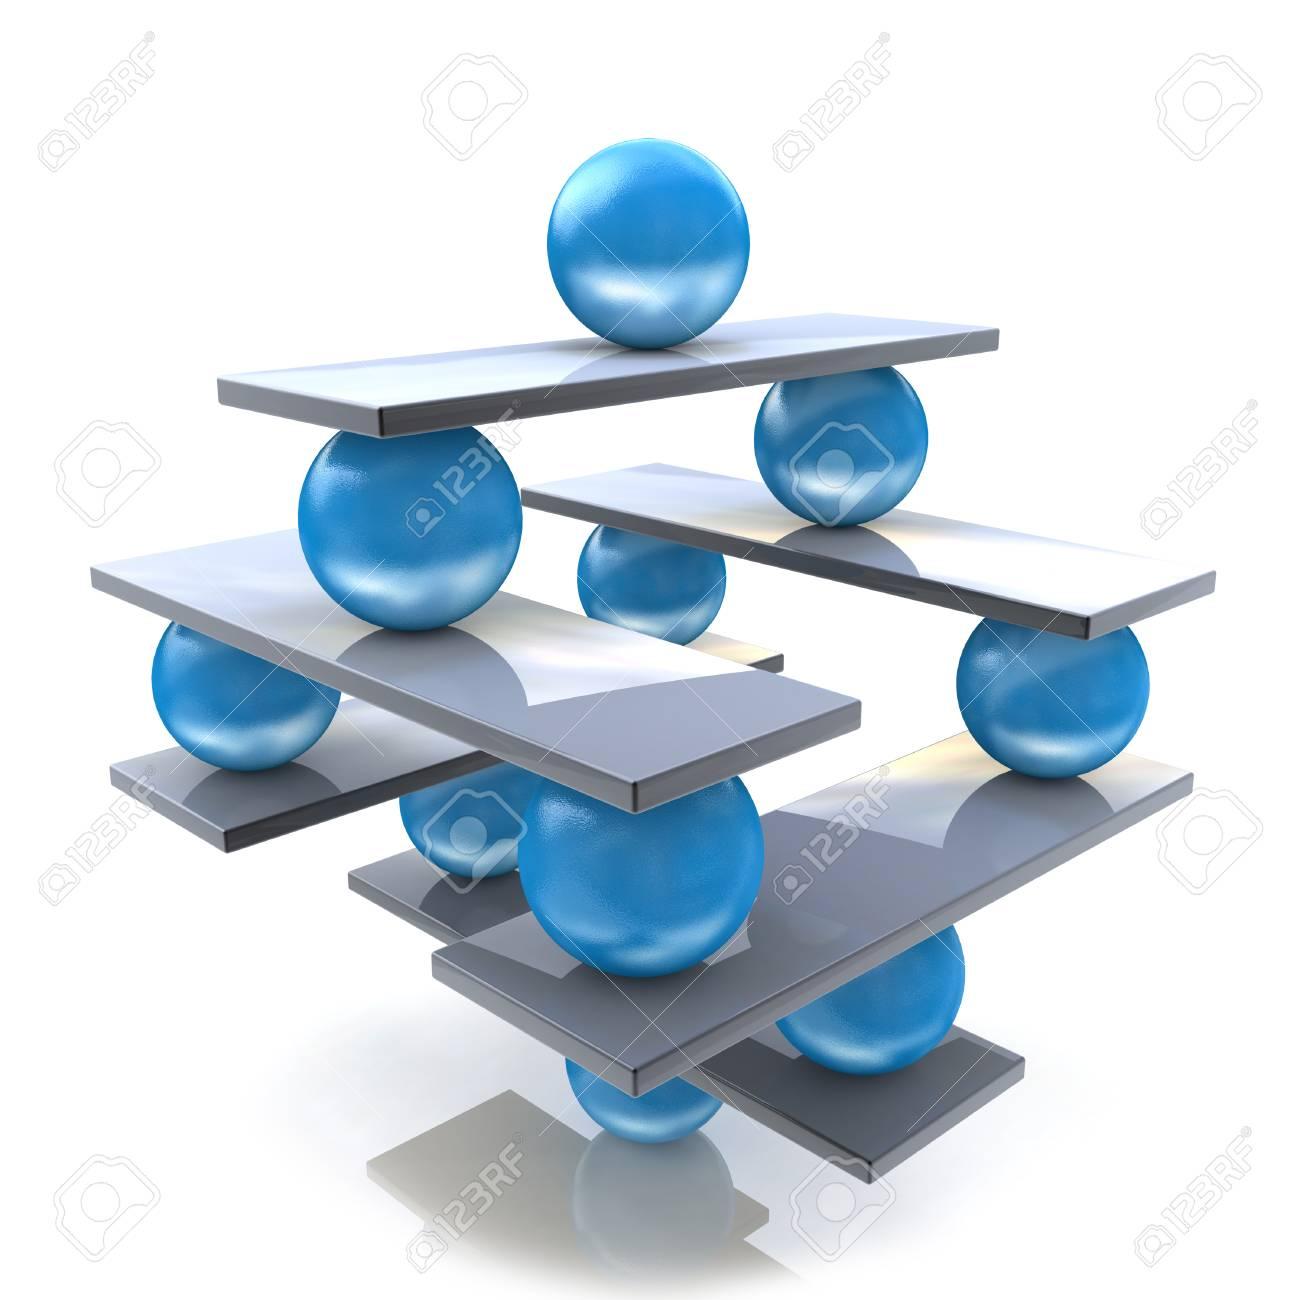 Superbe Banque Du0027images   Harmonie Et équilibre. Image Conceptuelle Du0027un équilibre  Parfait Dans La Conception De Lu0027information Associée à Lu0027abstraction